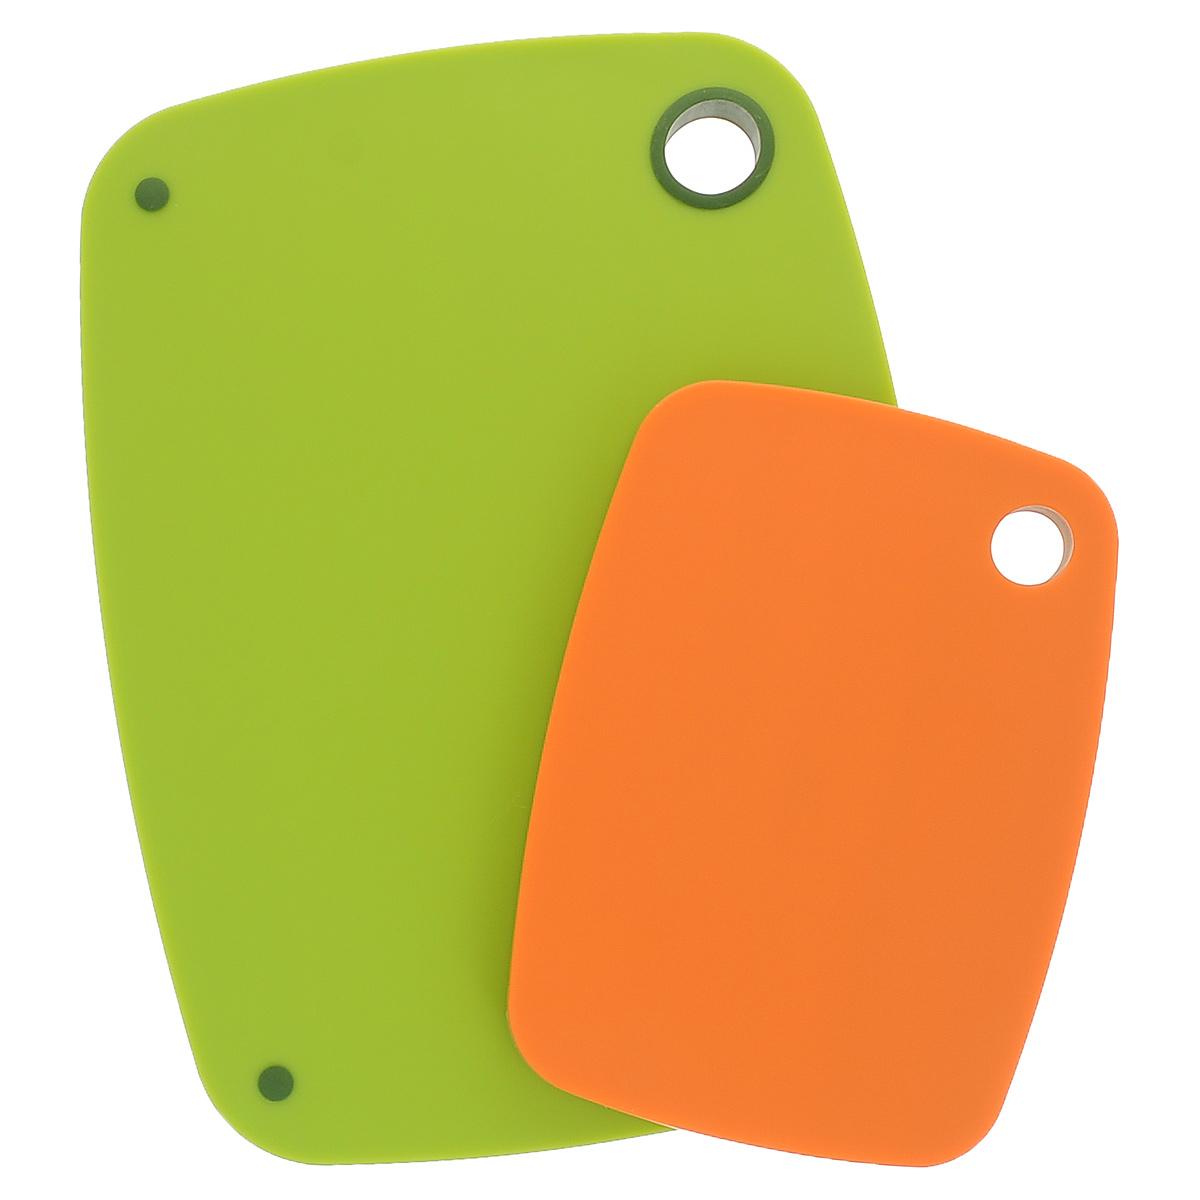 Набор разделочных досок из бамбука, цвет: салатовый, оранжевый, 2 шт391602Набор состоит из двух разделочных досок, выполненных с одной стороны из пищевого пластика, а с другой стороны из натурального бамбука. Доска большего размера имеют прорезиненные ножки, которые предотвращают скольжение доски. Оригинальный набор разделочных досок понравится всем ценителям оригинальных вещей и займет достойное место на вашей кухне.